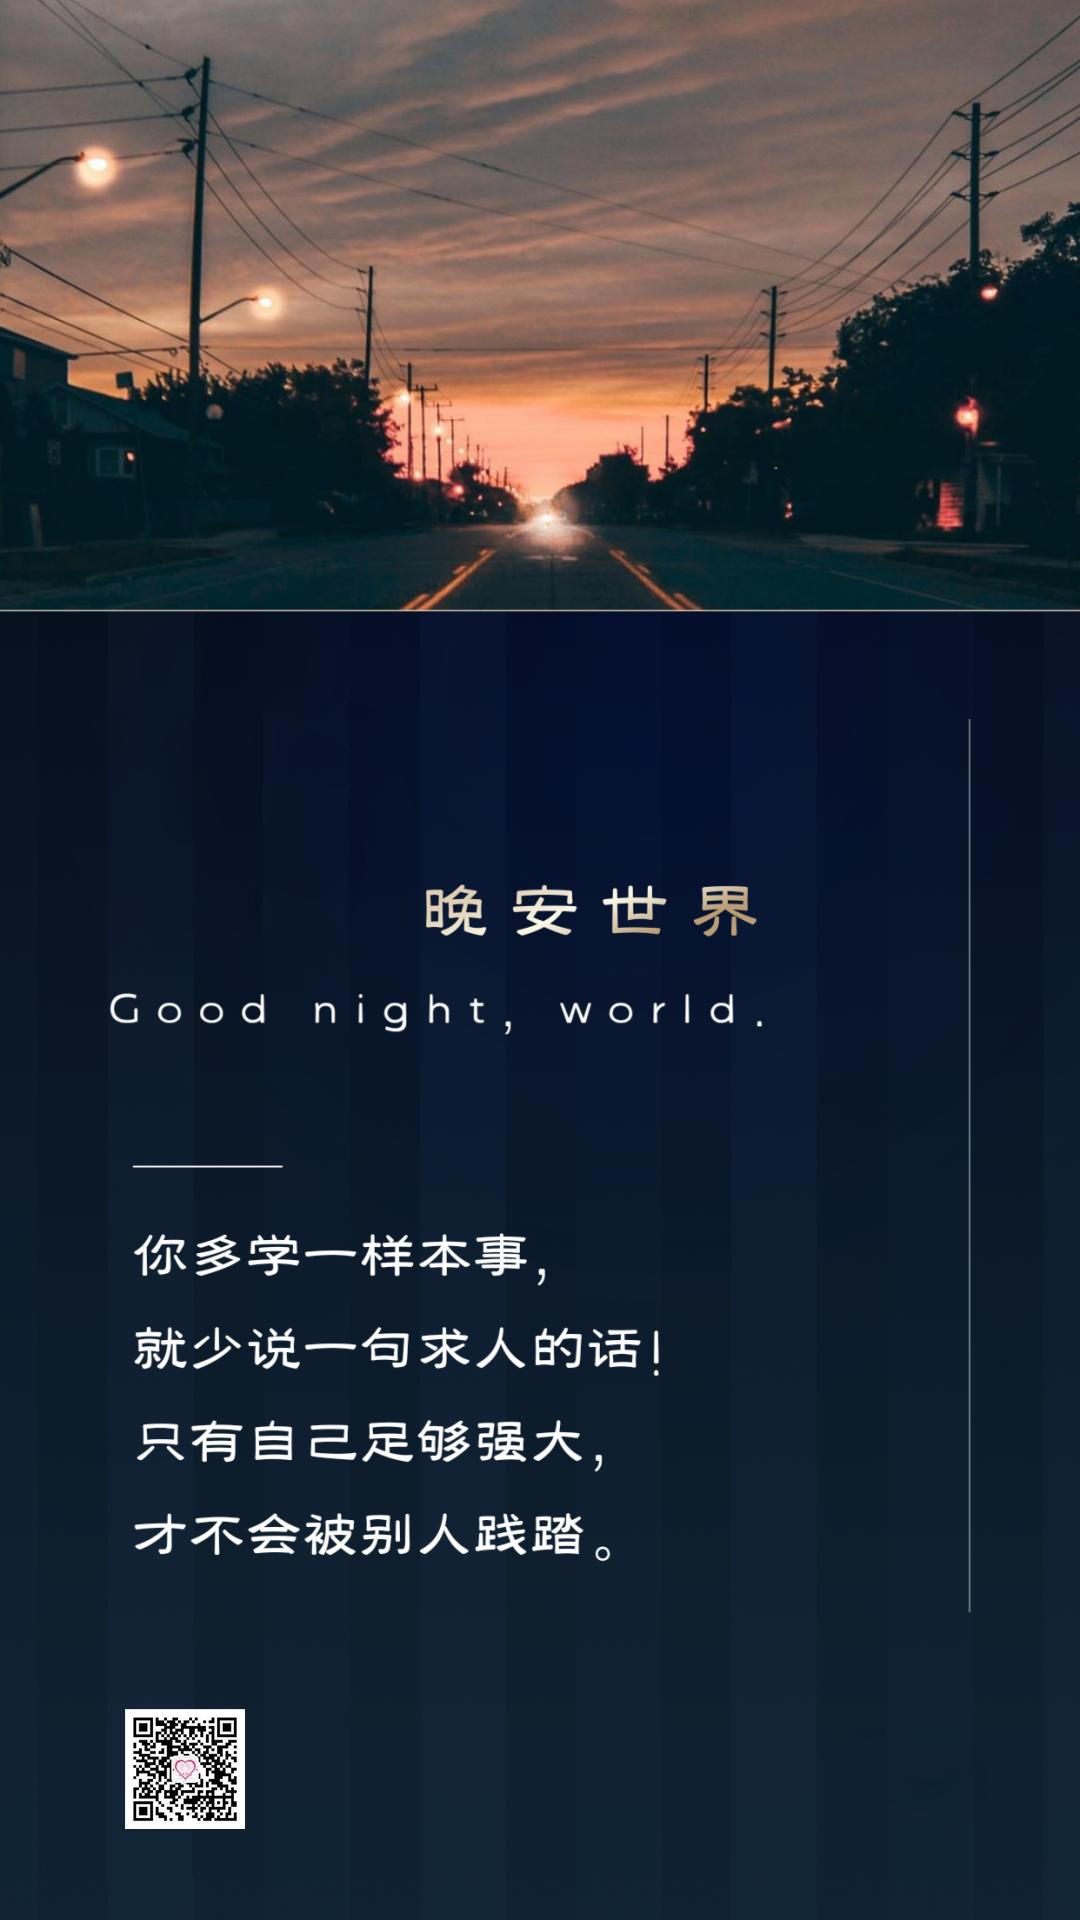 晚安心语精美文案,看到心里舒服,发到朋友圈灿烂